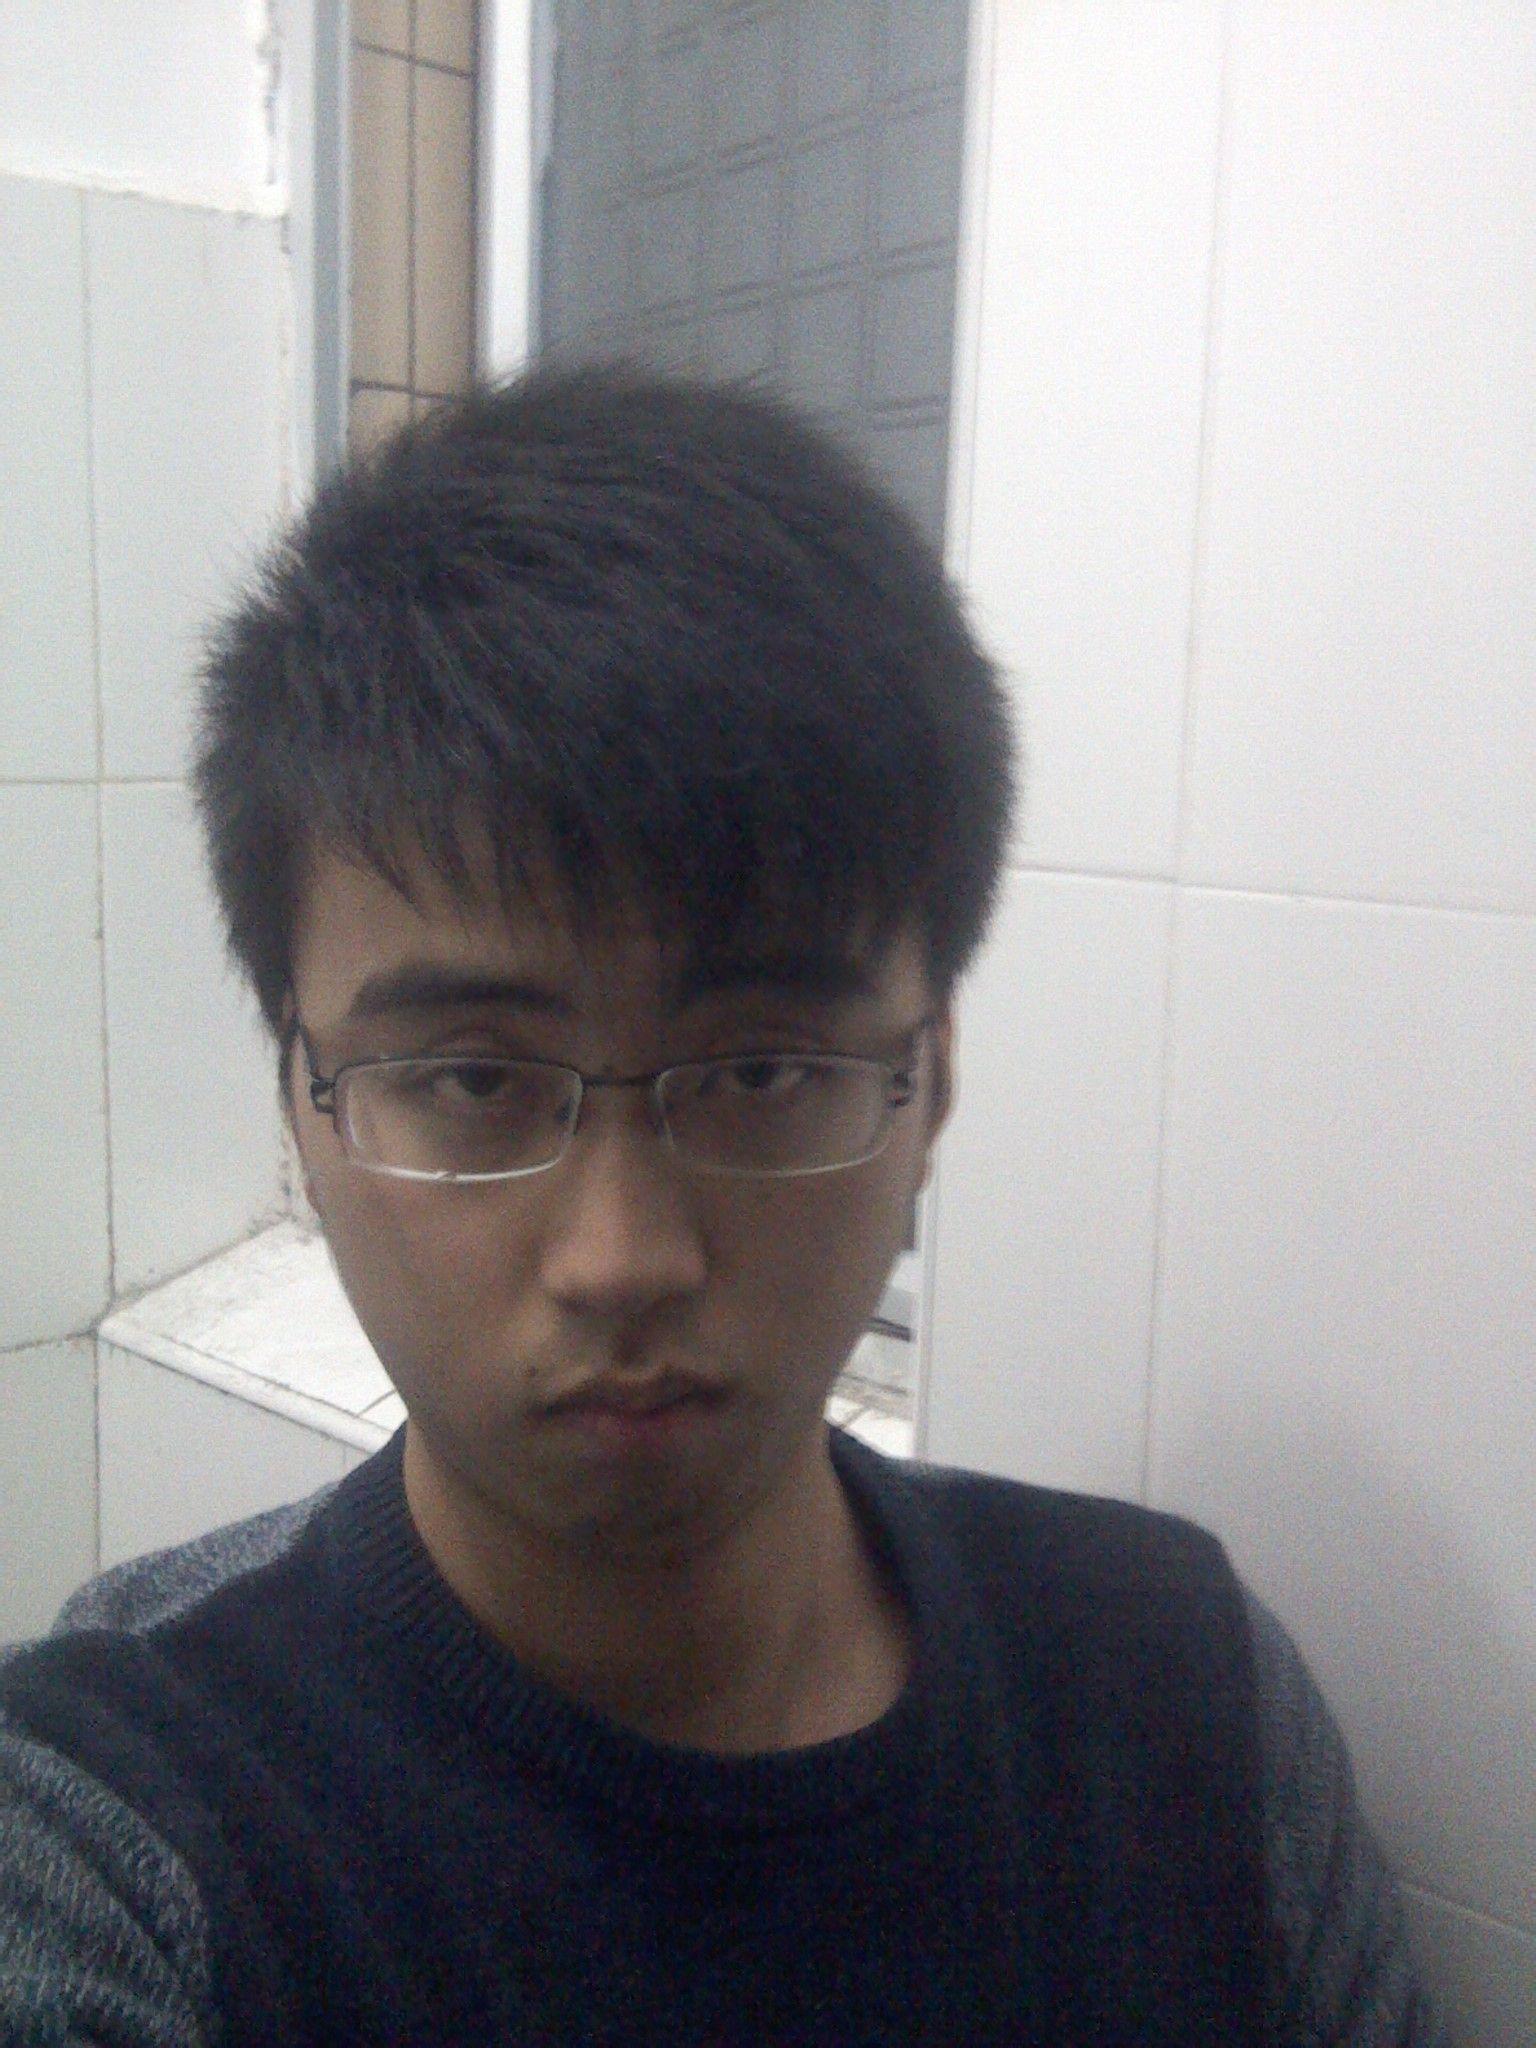 头发三厘米多长图片_头发三厘米多长图片分享图片